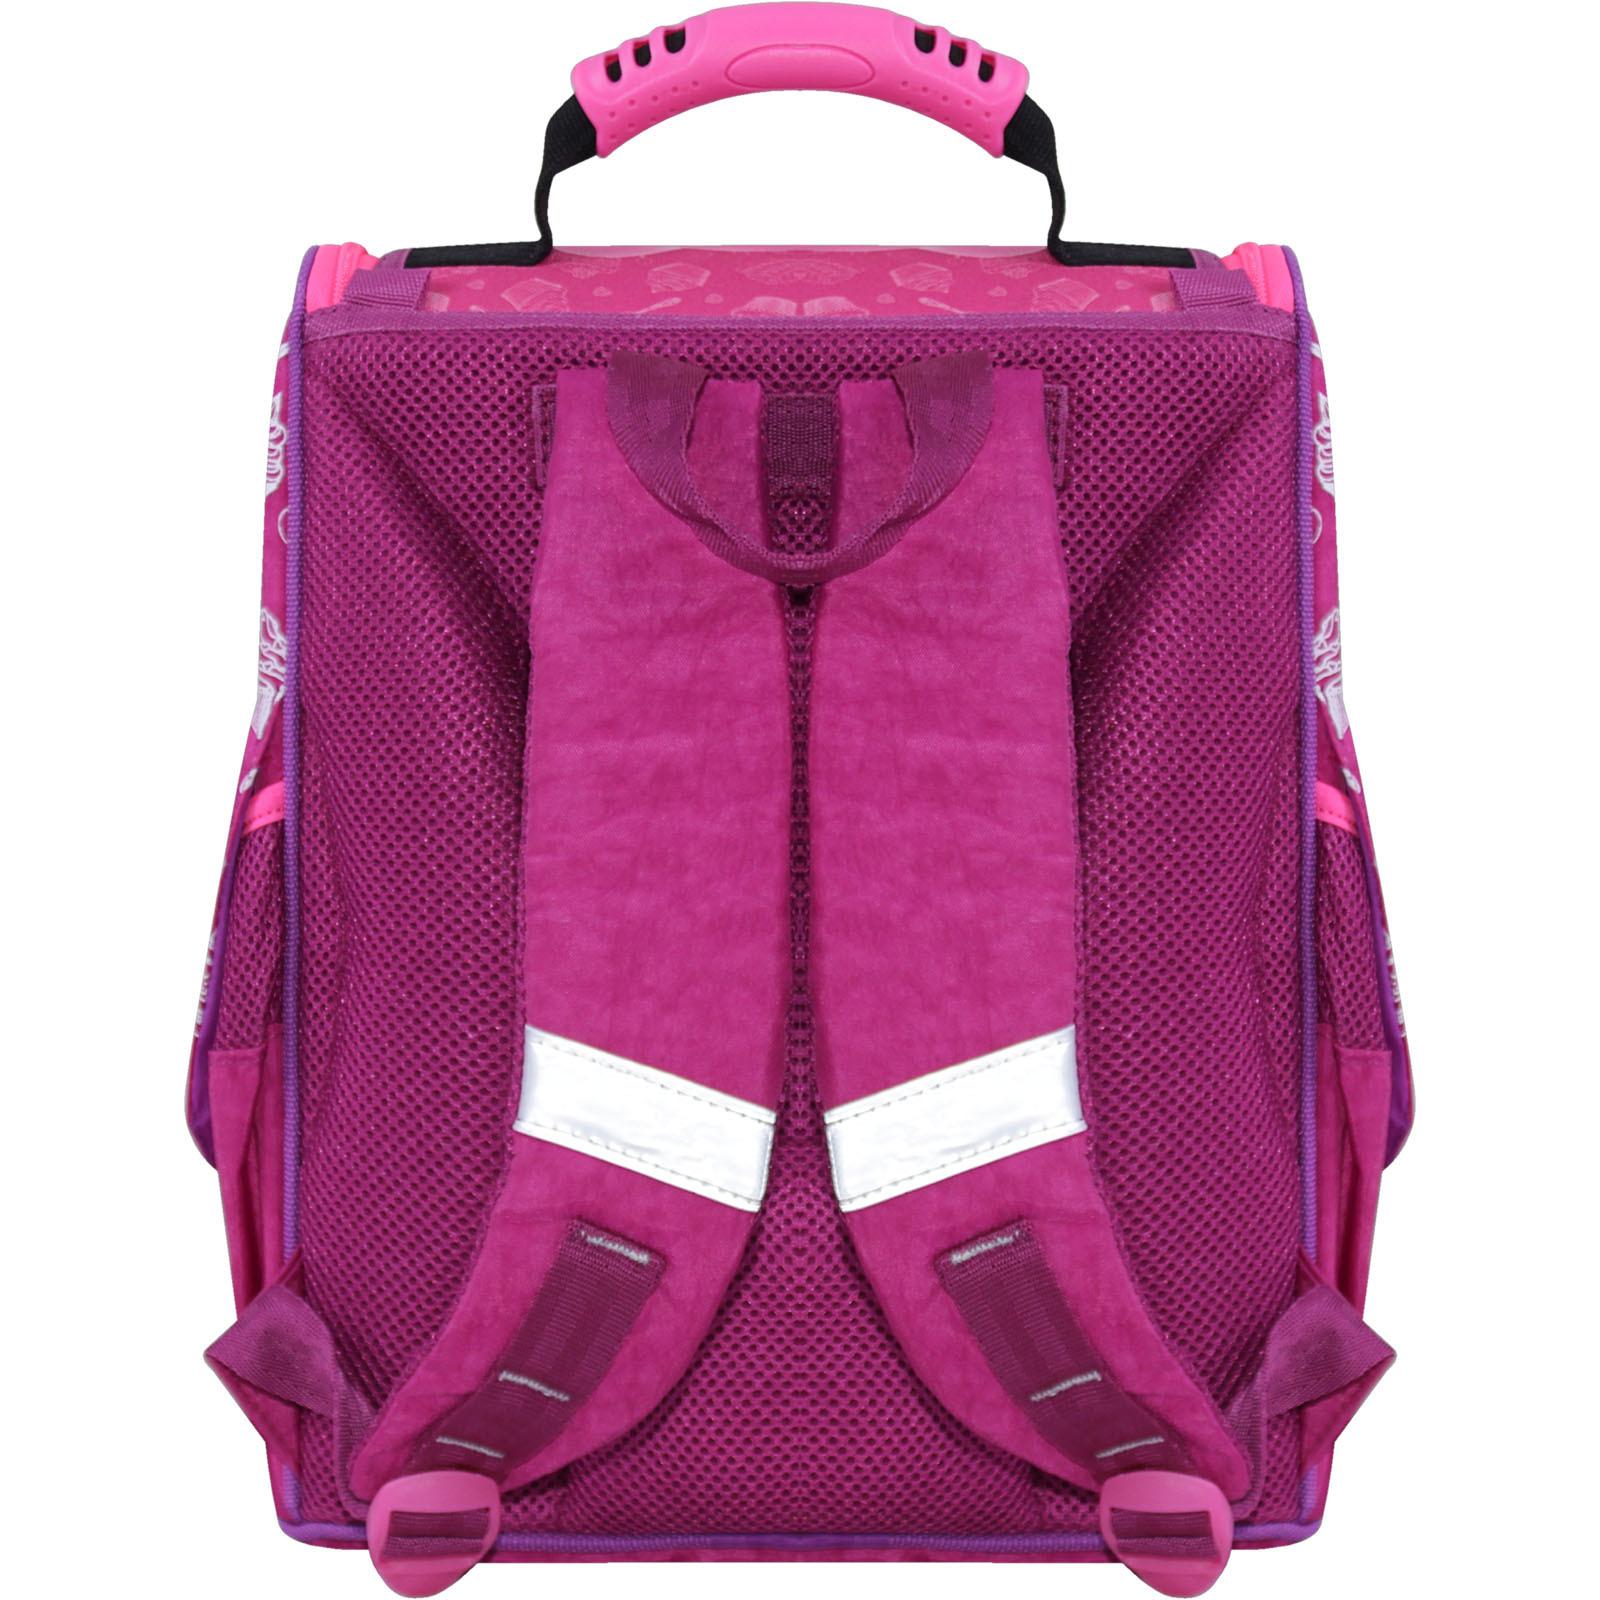 Рюкзак школьный каркасный с фонариками Bagland Успех 12 л. малиновый 593 (00551703)